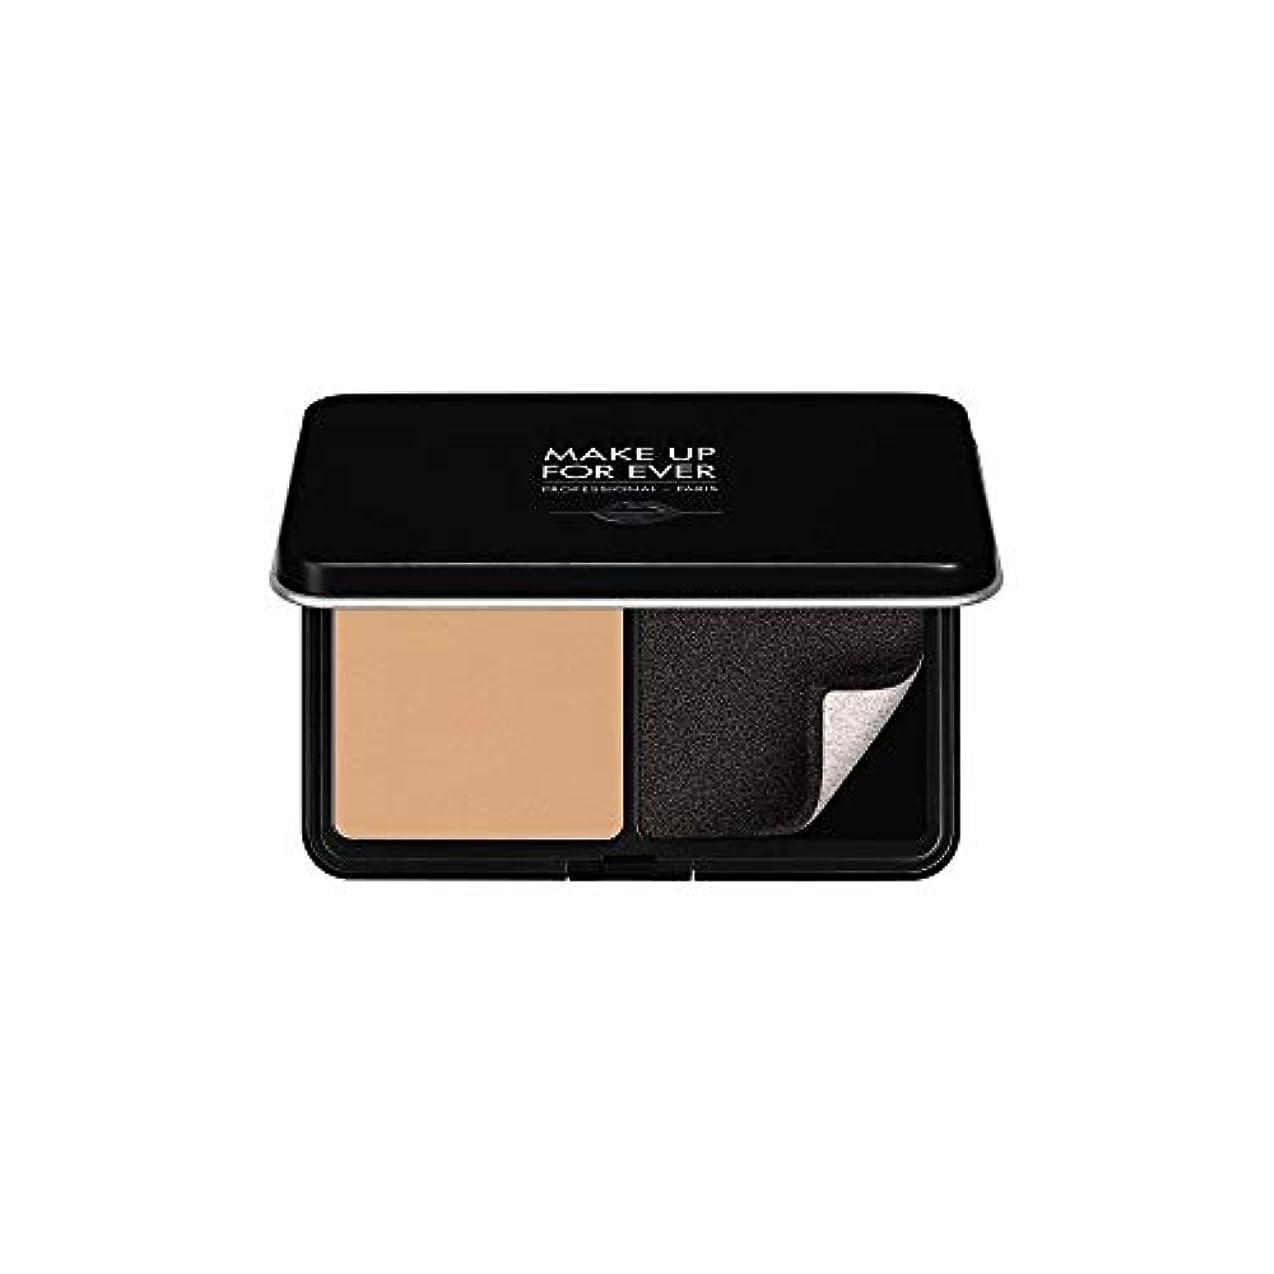 宿寛大さクラスメイクアップフォーエバー Matte Velvet Skin Blurring Powder Foundation - # Y305 (Soft Beige) 11g/0.38oz並行輸入品